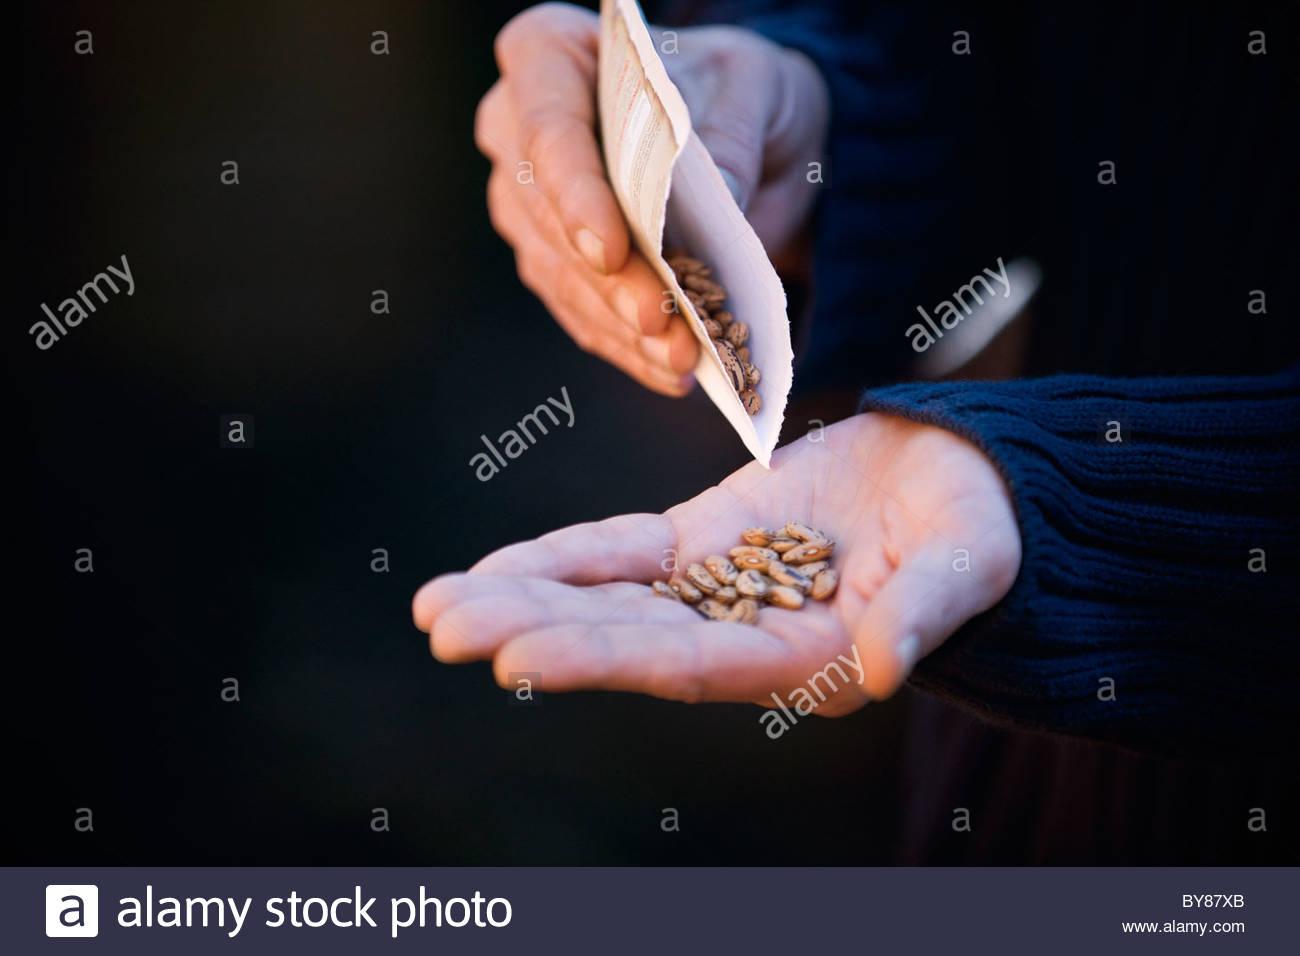 Un uomo versando semi nella sua mano Immagini Stock